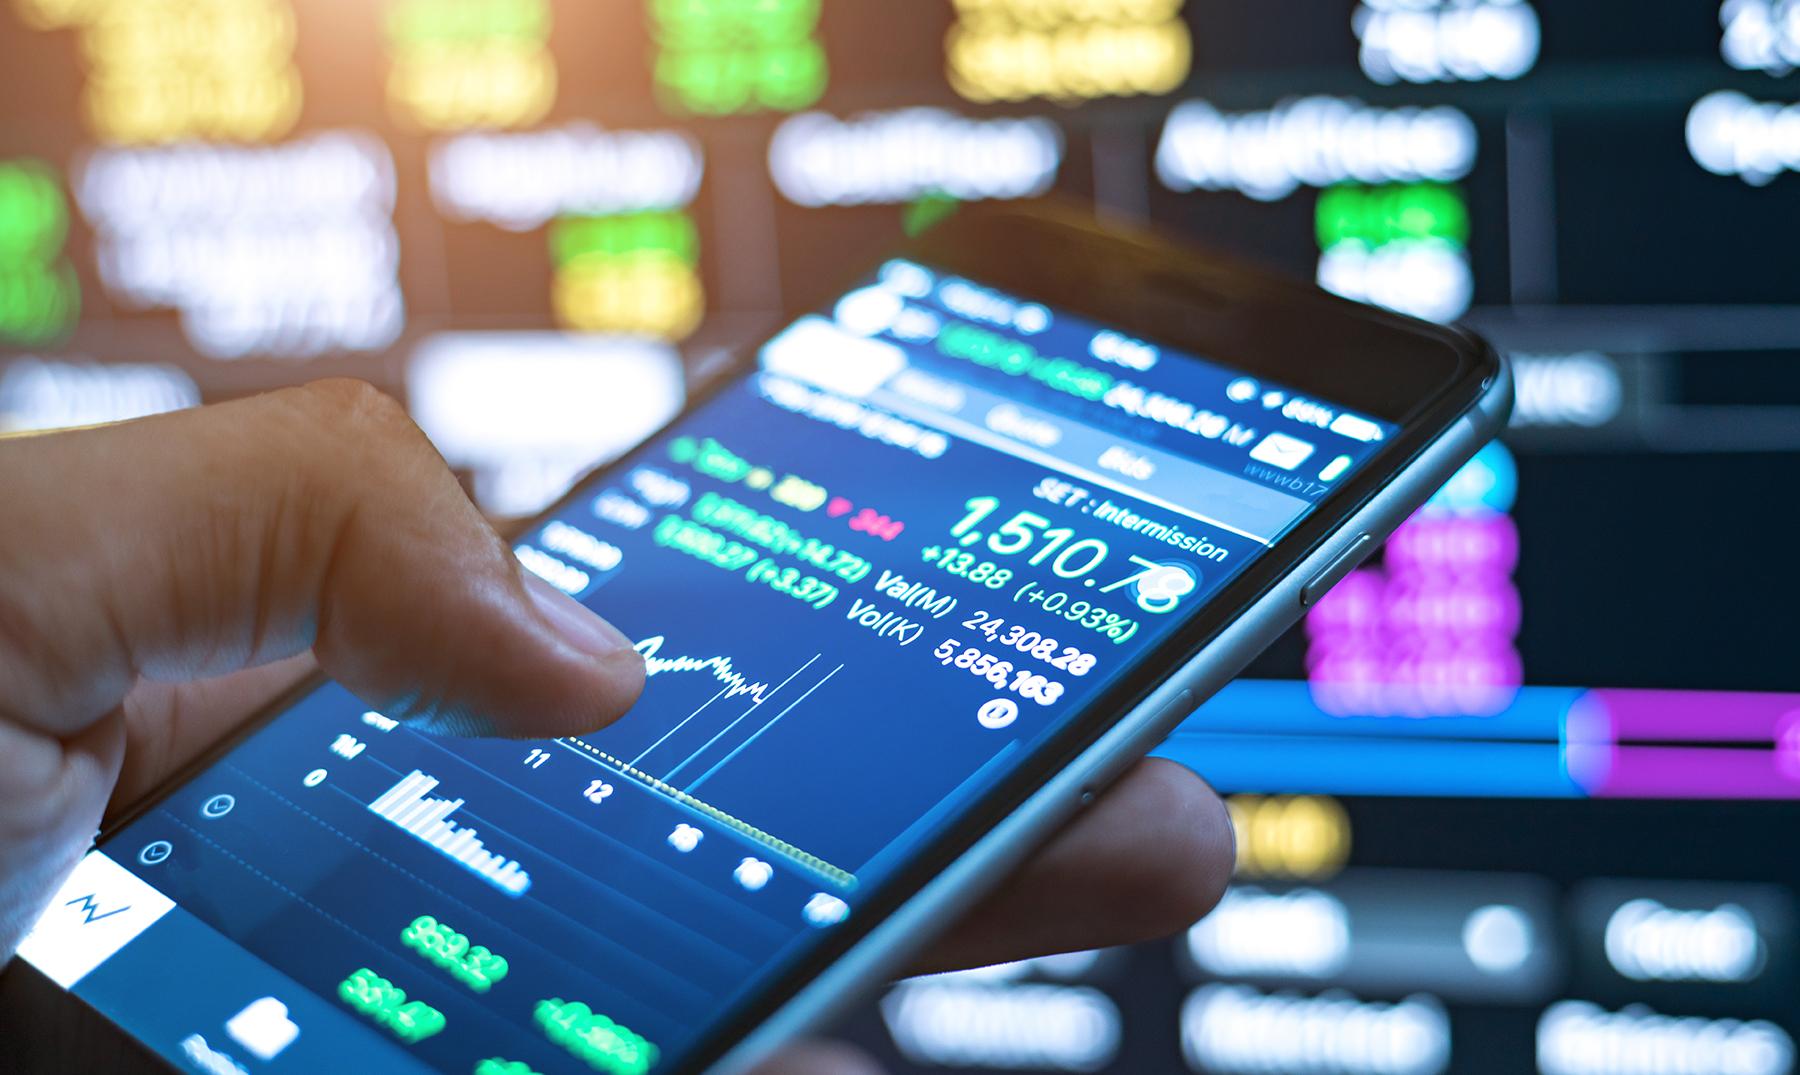 Tu estrategia de Trading debería adaptarse a tu tipo de personalidad